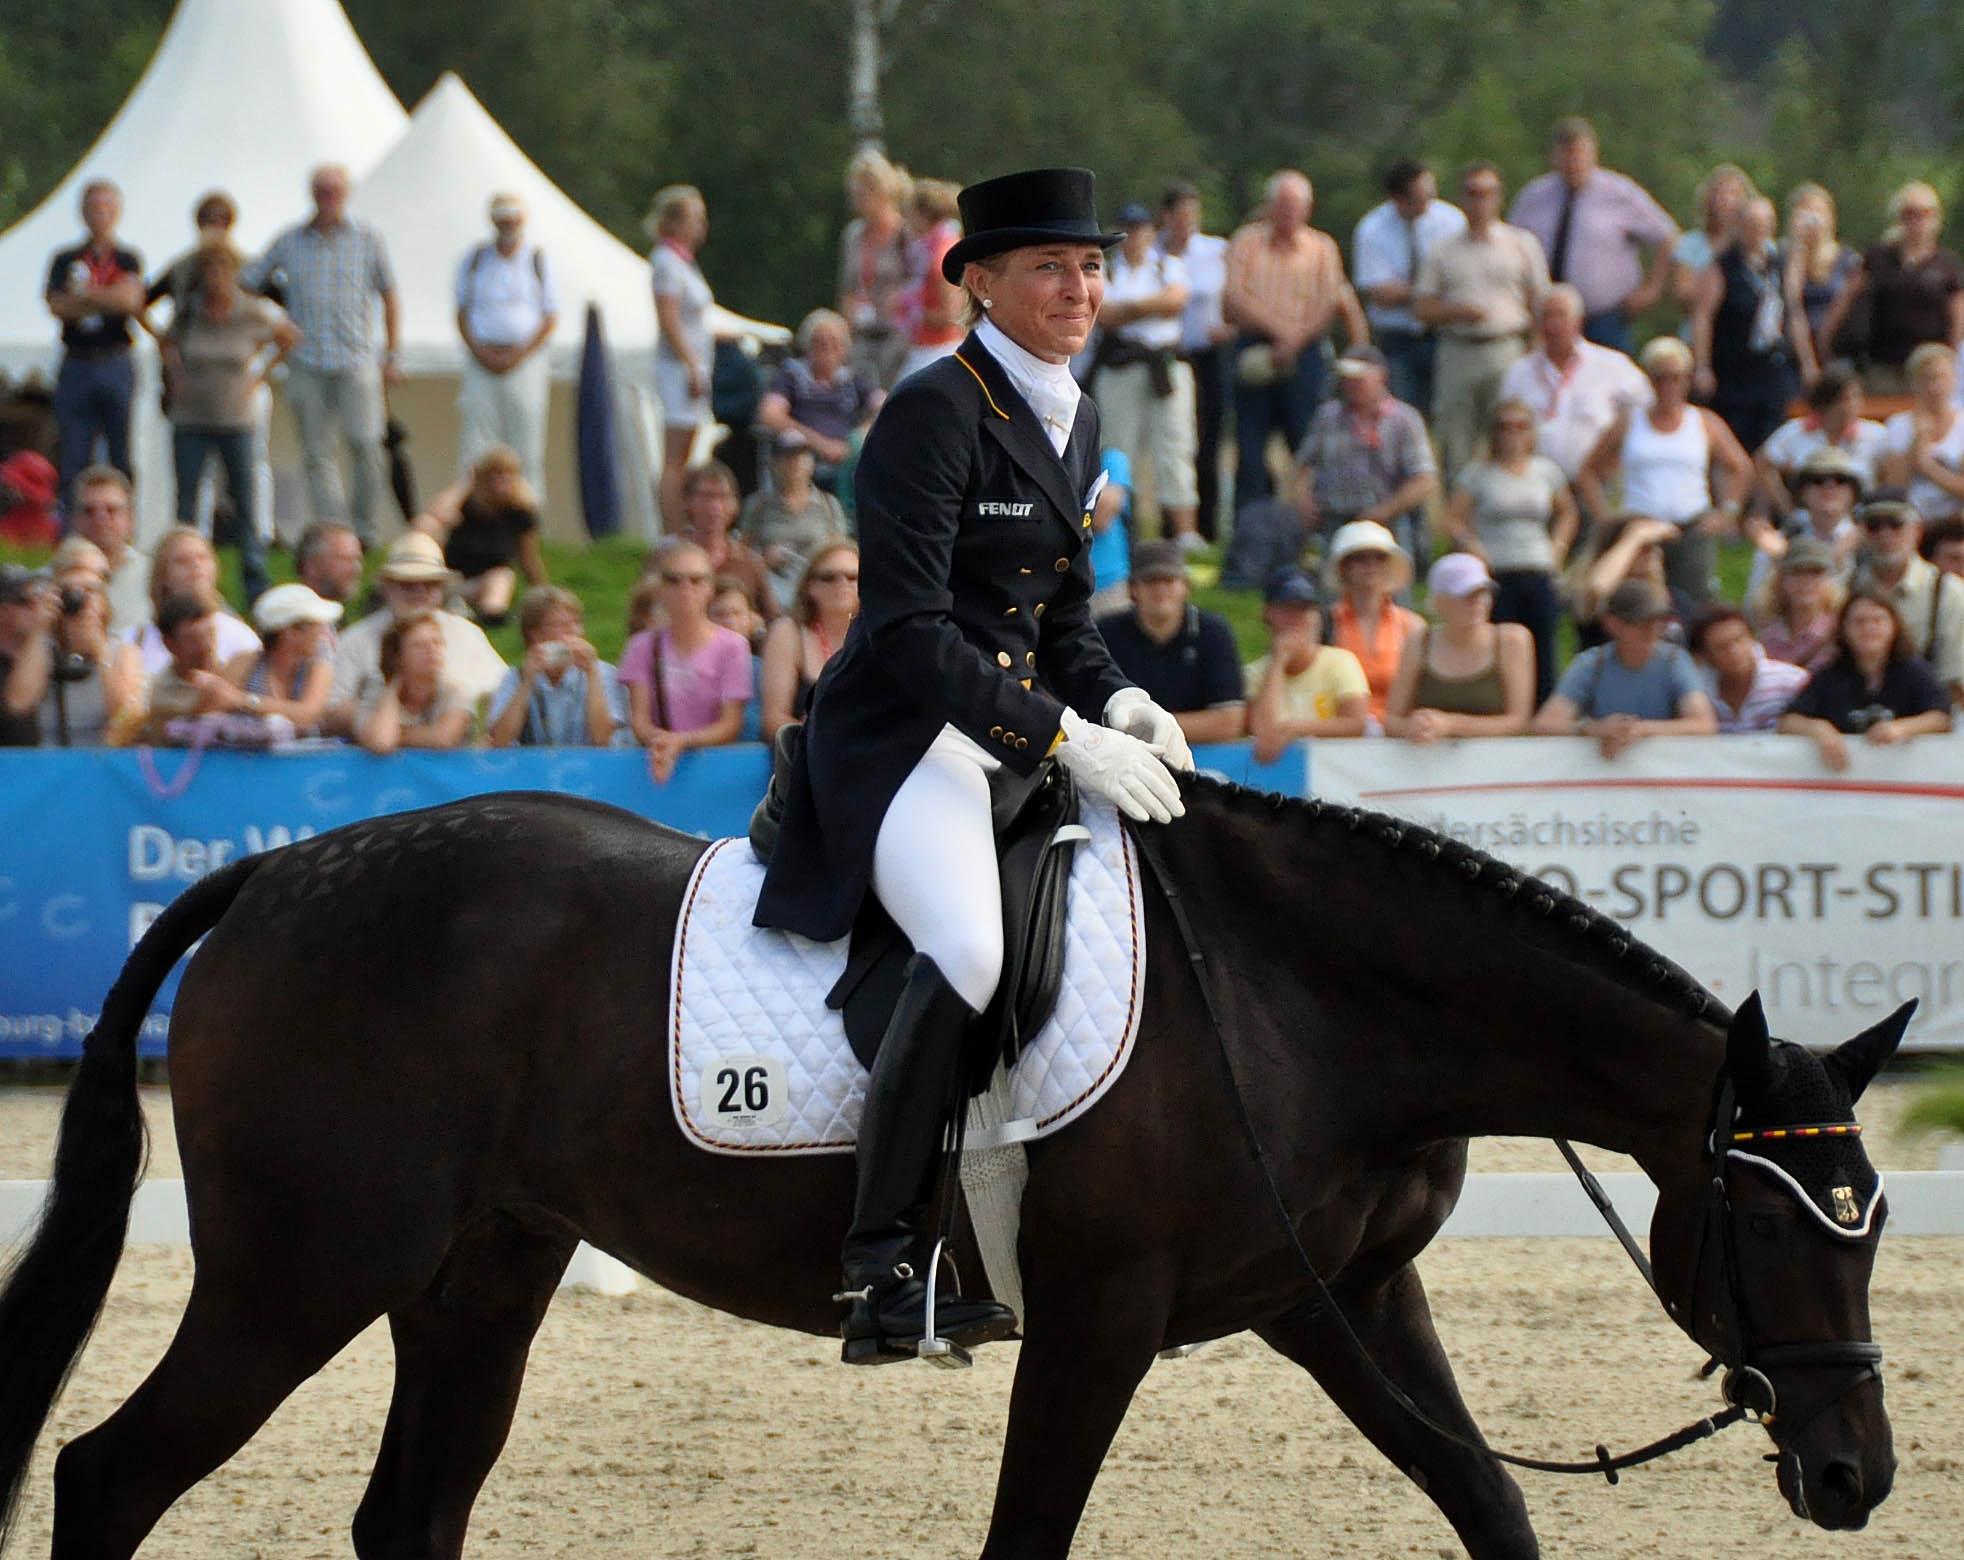 Ingrid Klimke con ABRAXXAS en el Campeonato de Europa de Luhmühlen 2011 (completo) donde fue medalla de oro por equipos